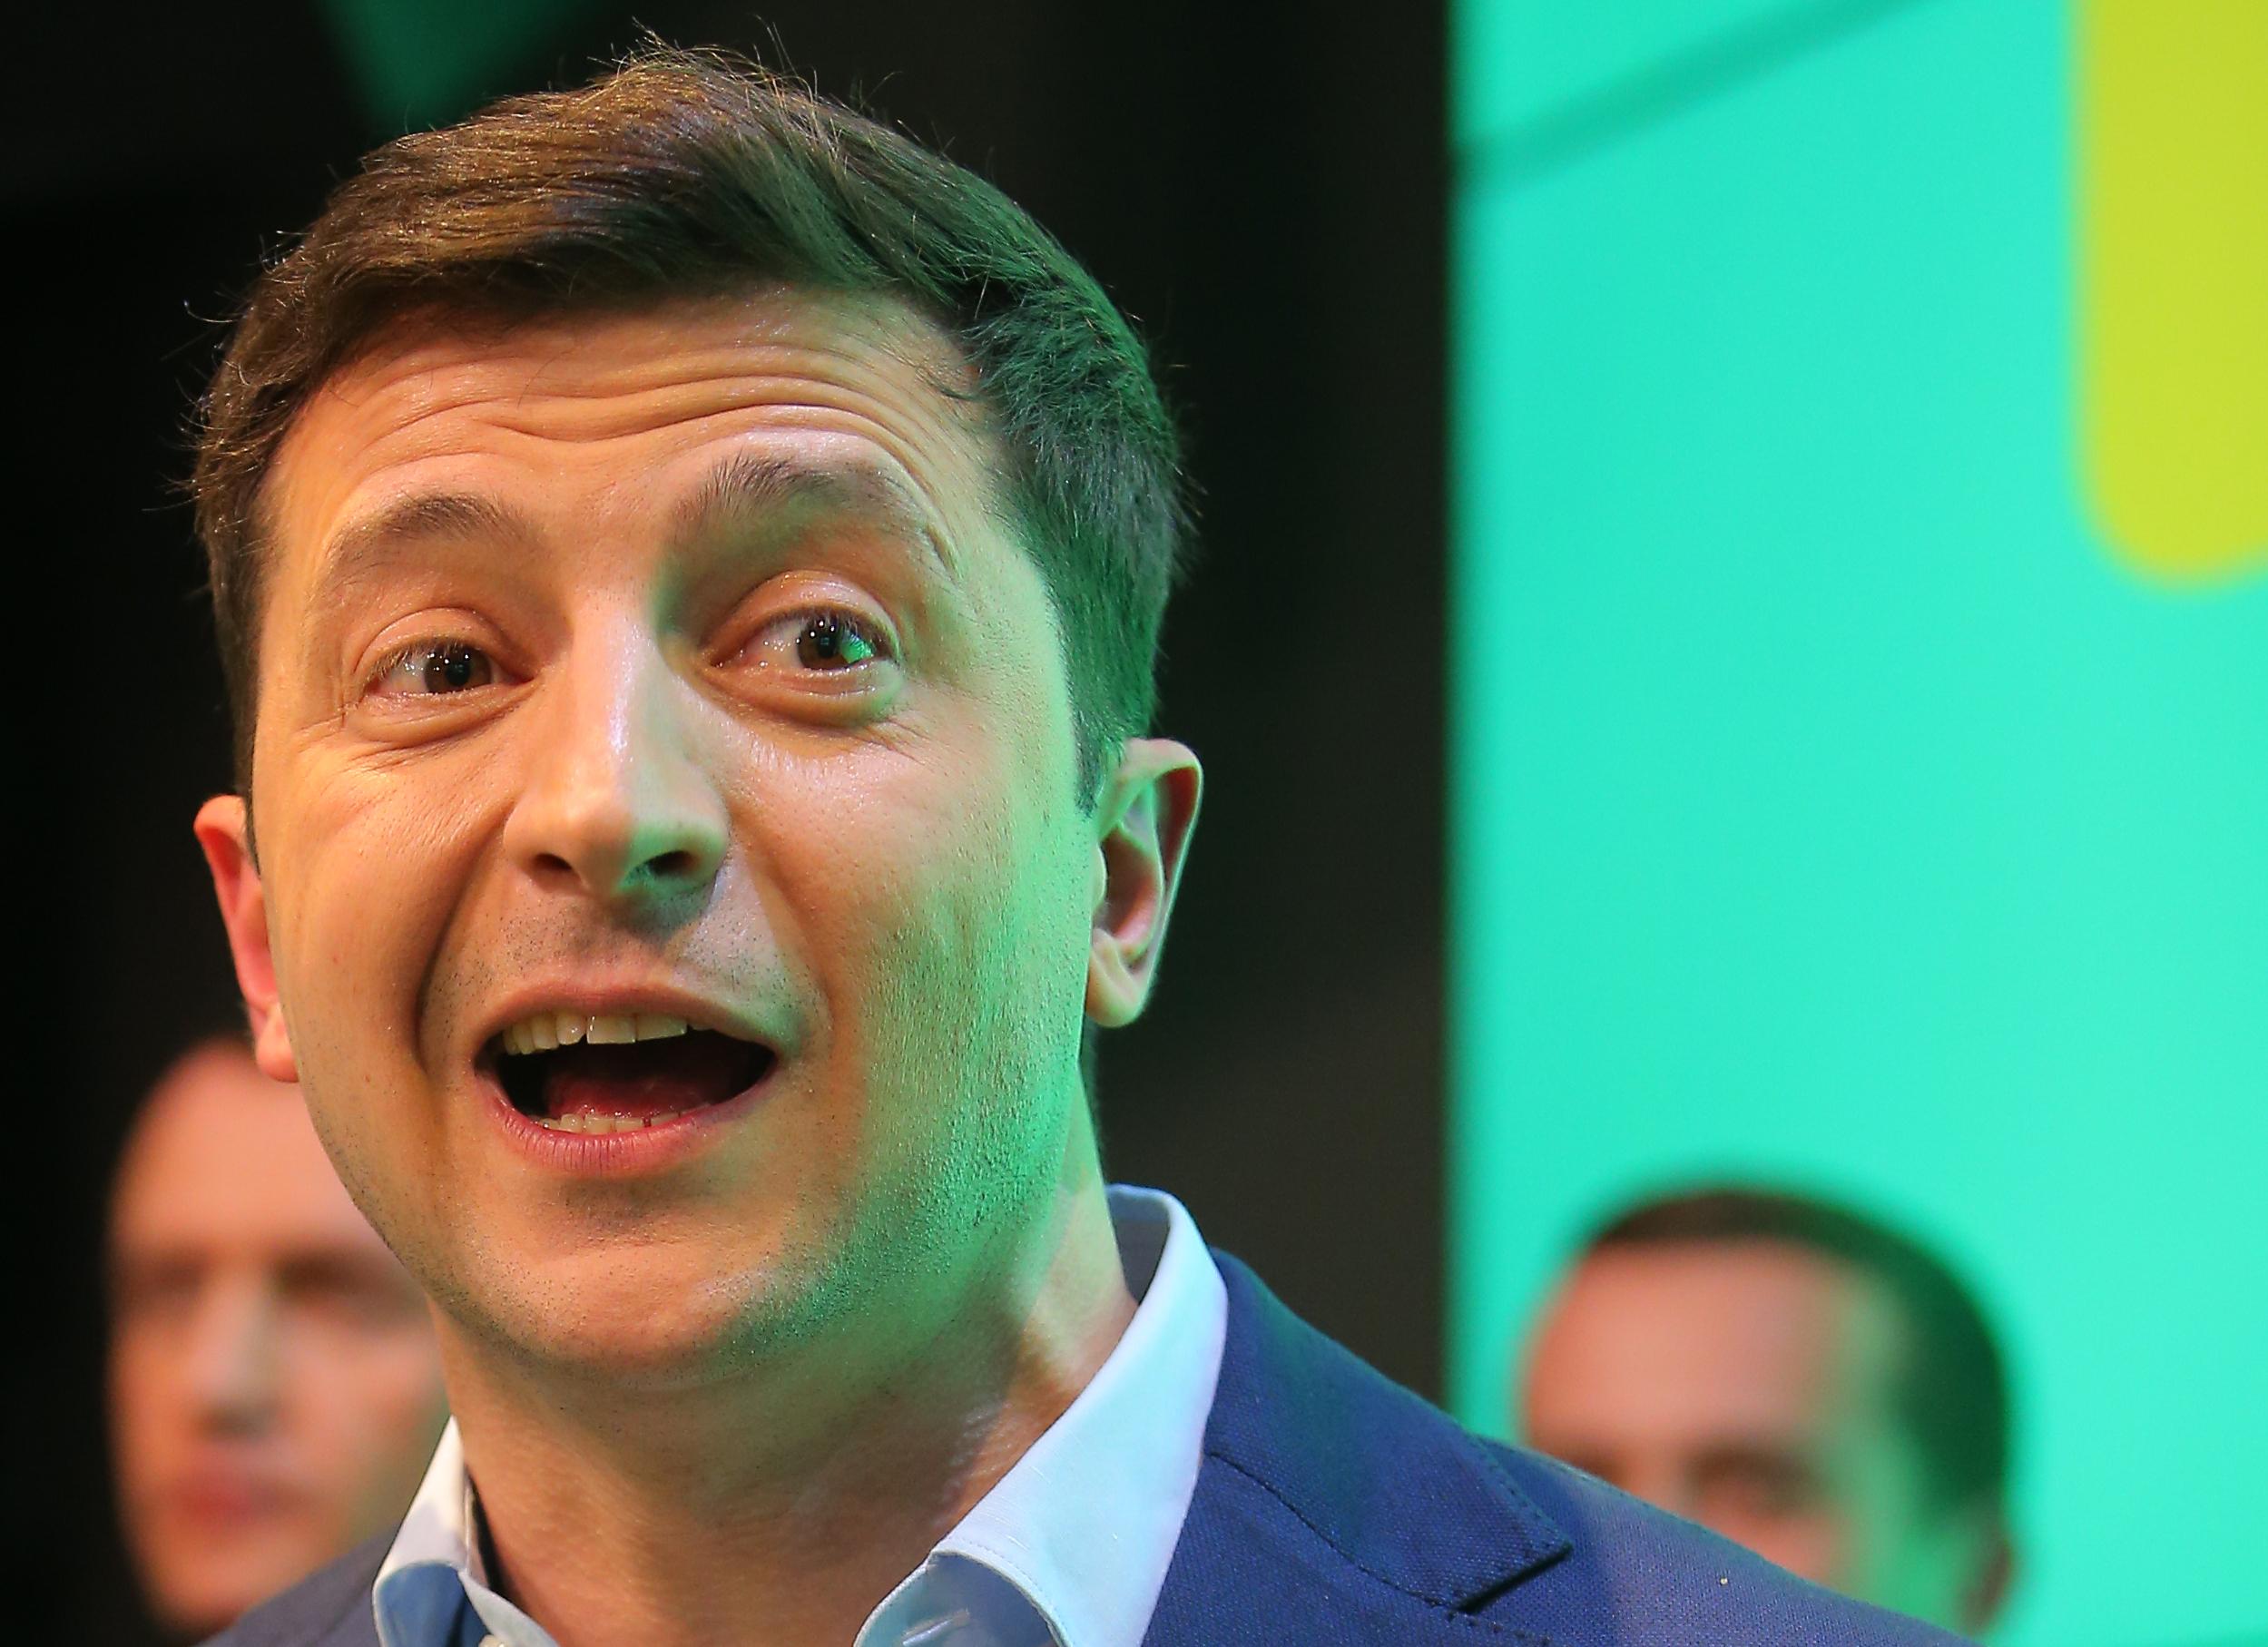 Az ukrán elnökválasztást megnyerő Zelenszkij máshogy állna a nyelvtörvényhez, mint az eddigi vezetés